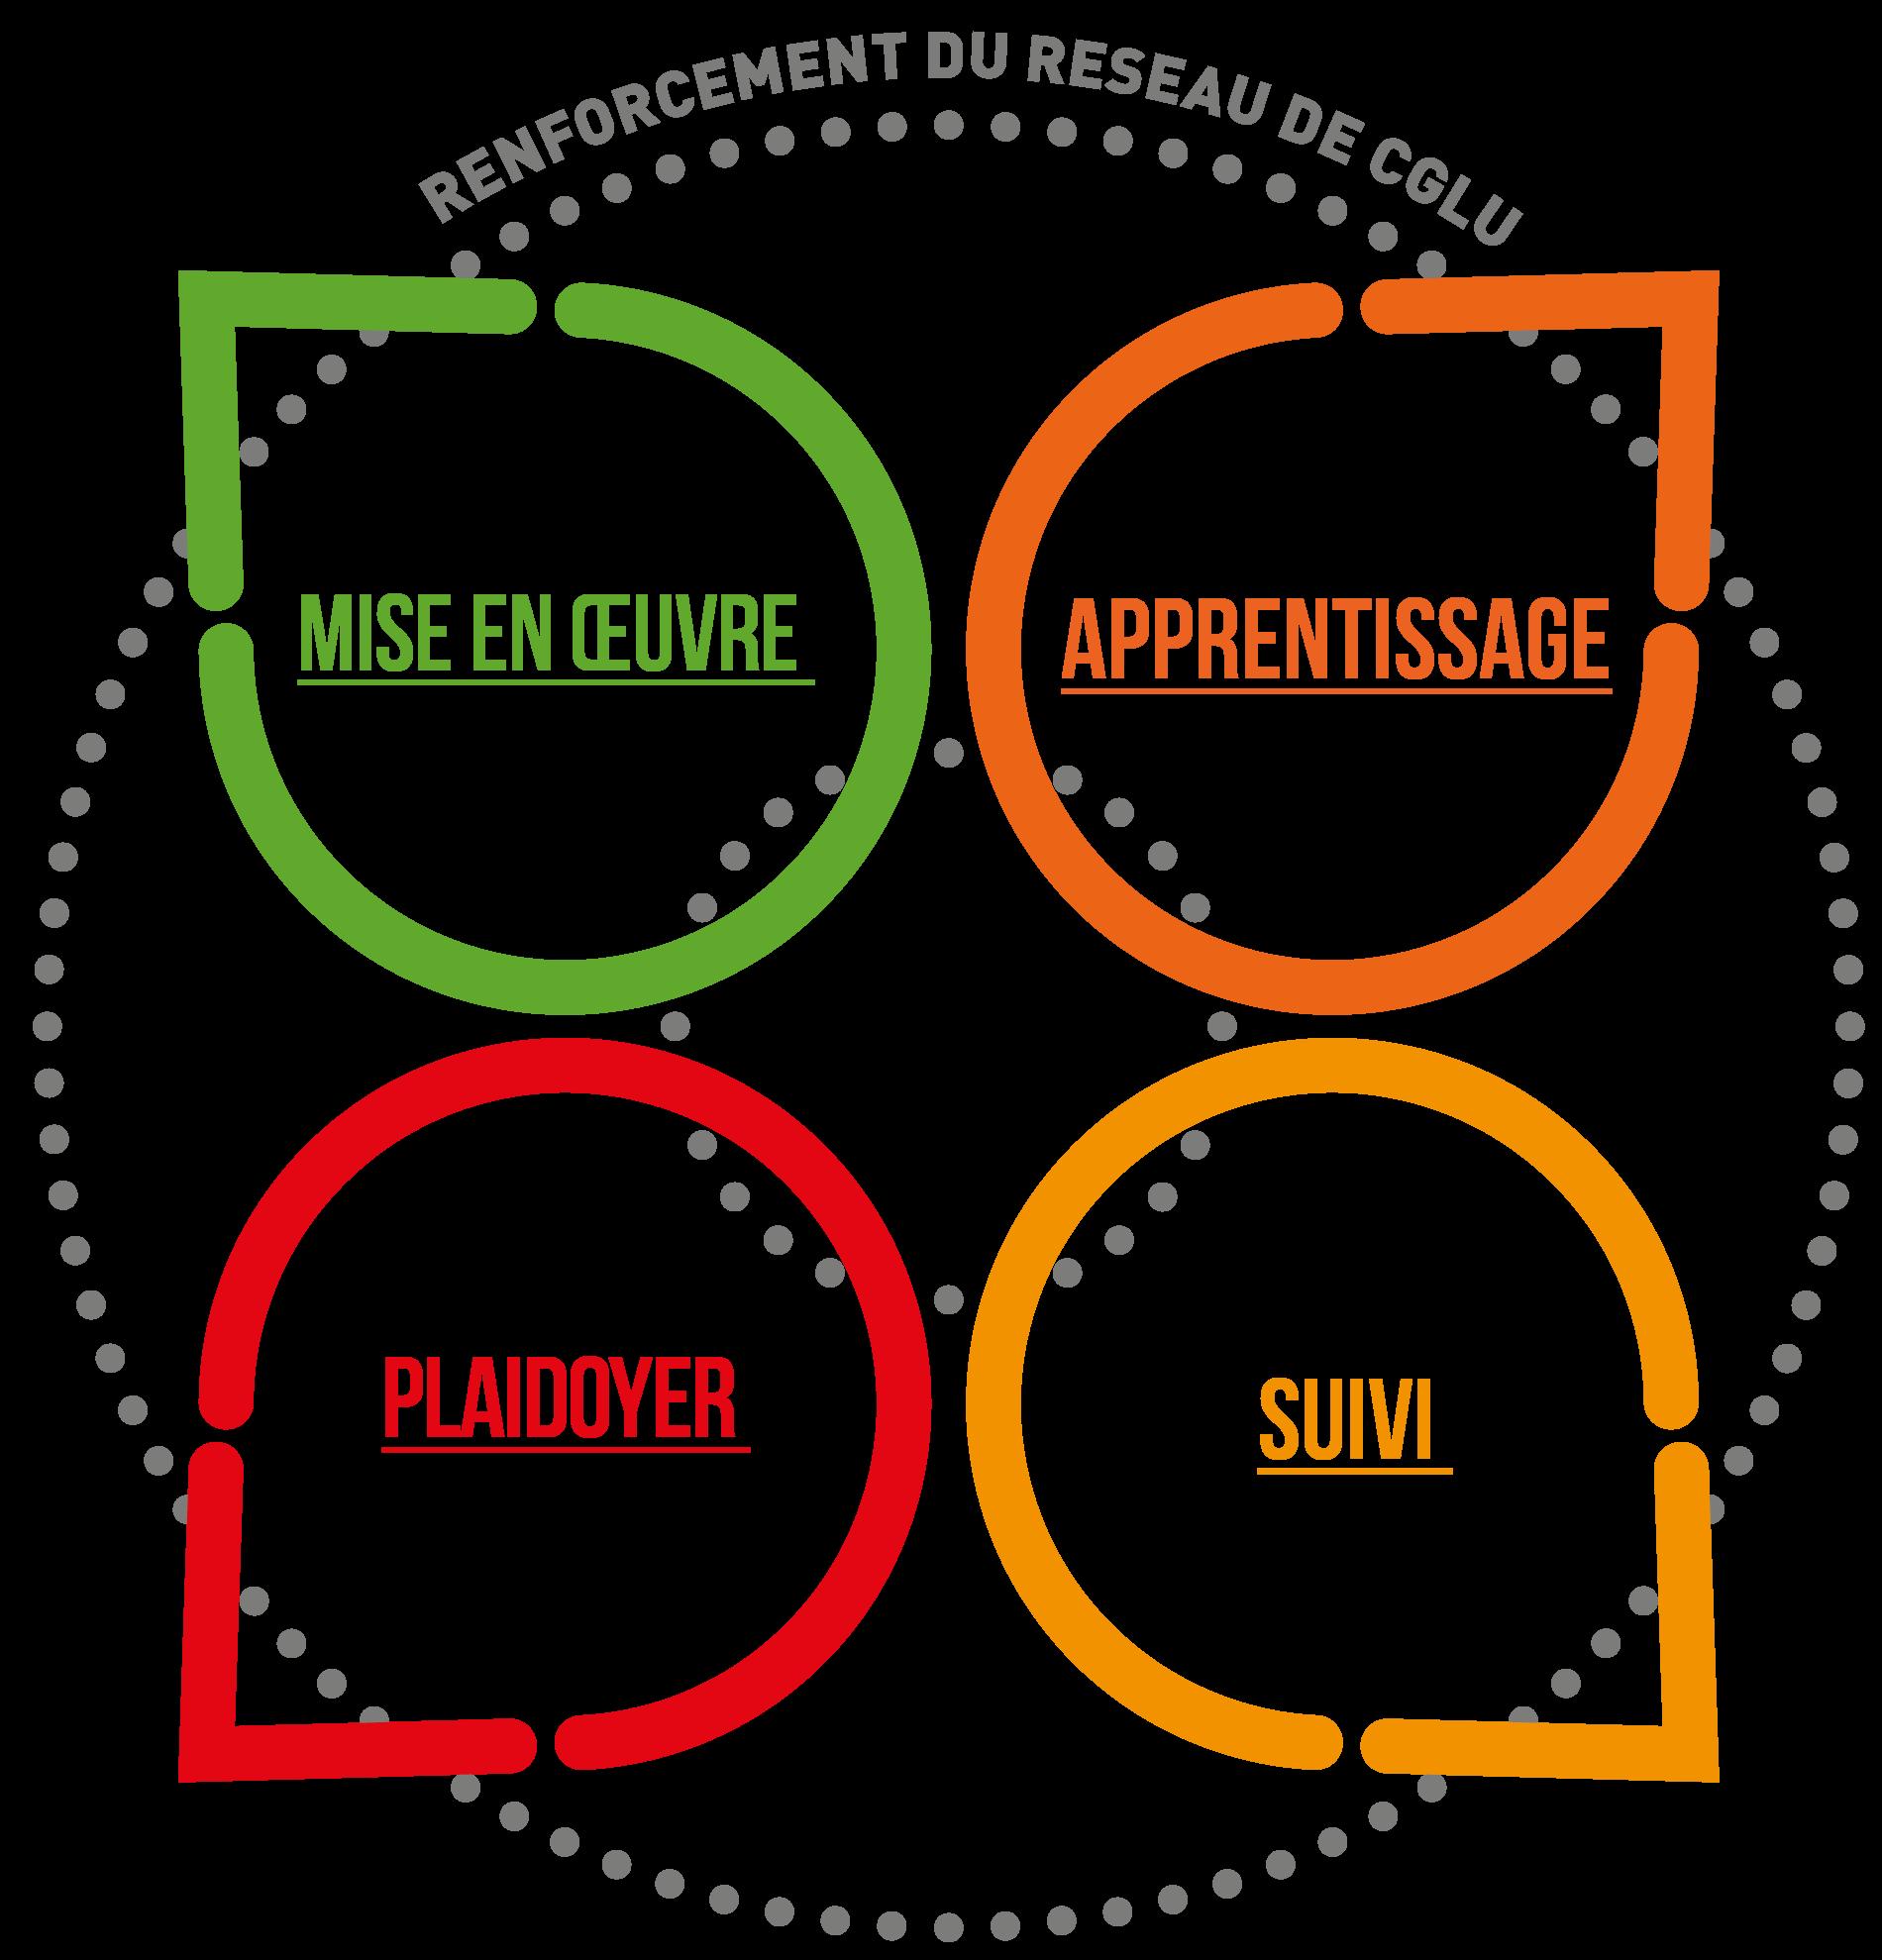 Renforcement du reseau de CGLU: apprentissage, plaidoyer, mise en oeuvre, suivi